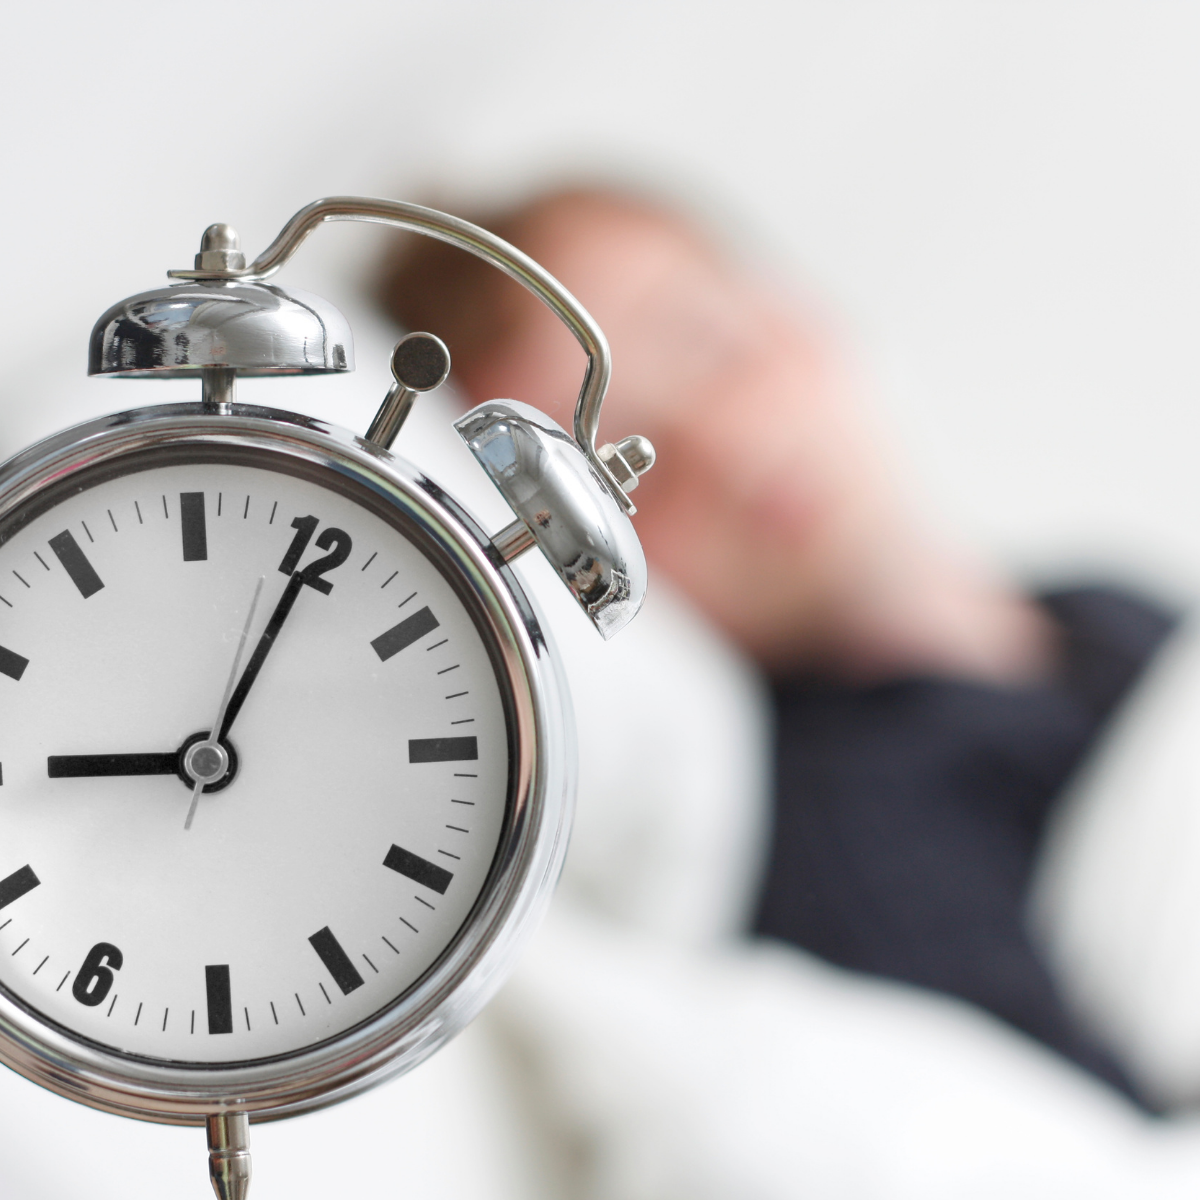 Top Ten Tips To Get The Best Sleep